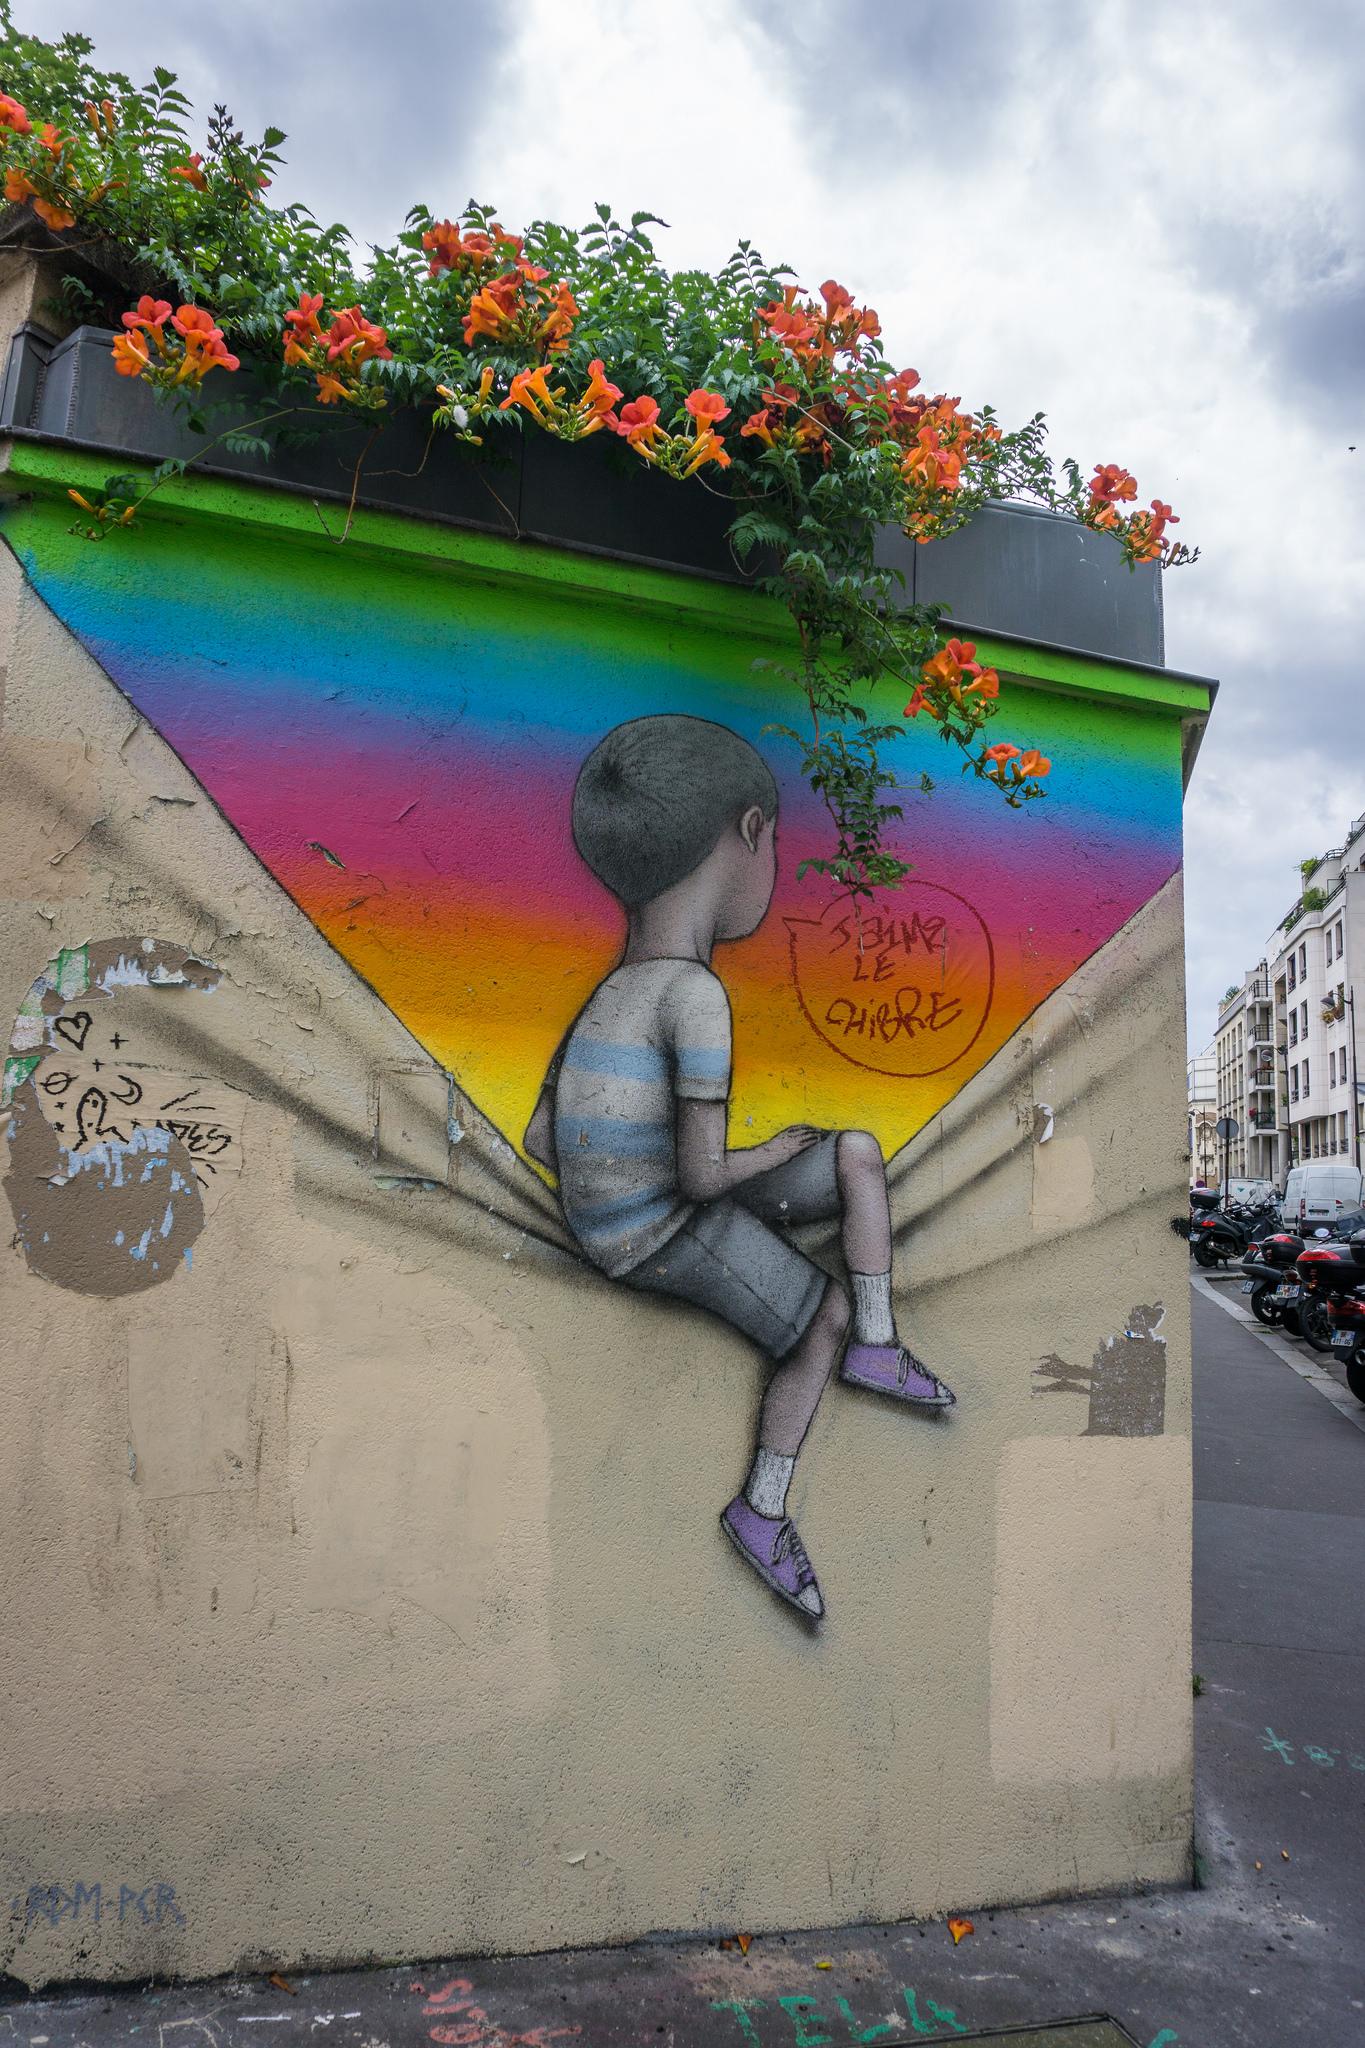 Paris Street Art H A M B A J A L A N